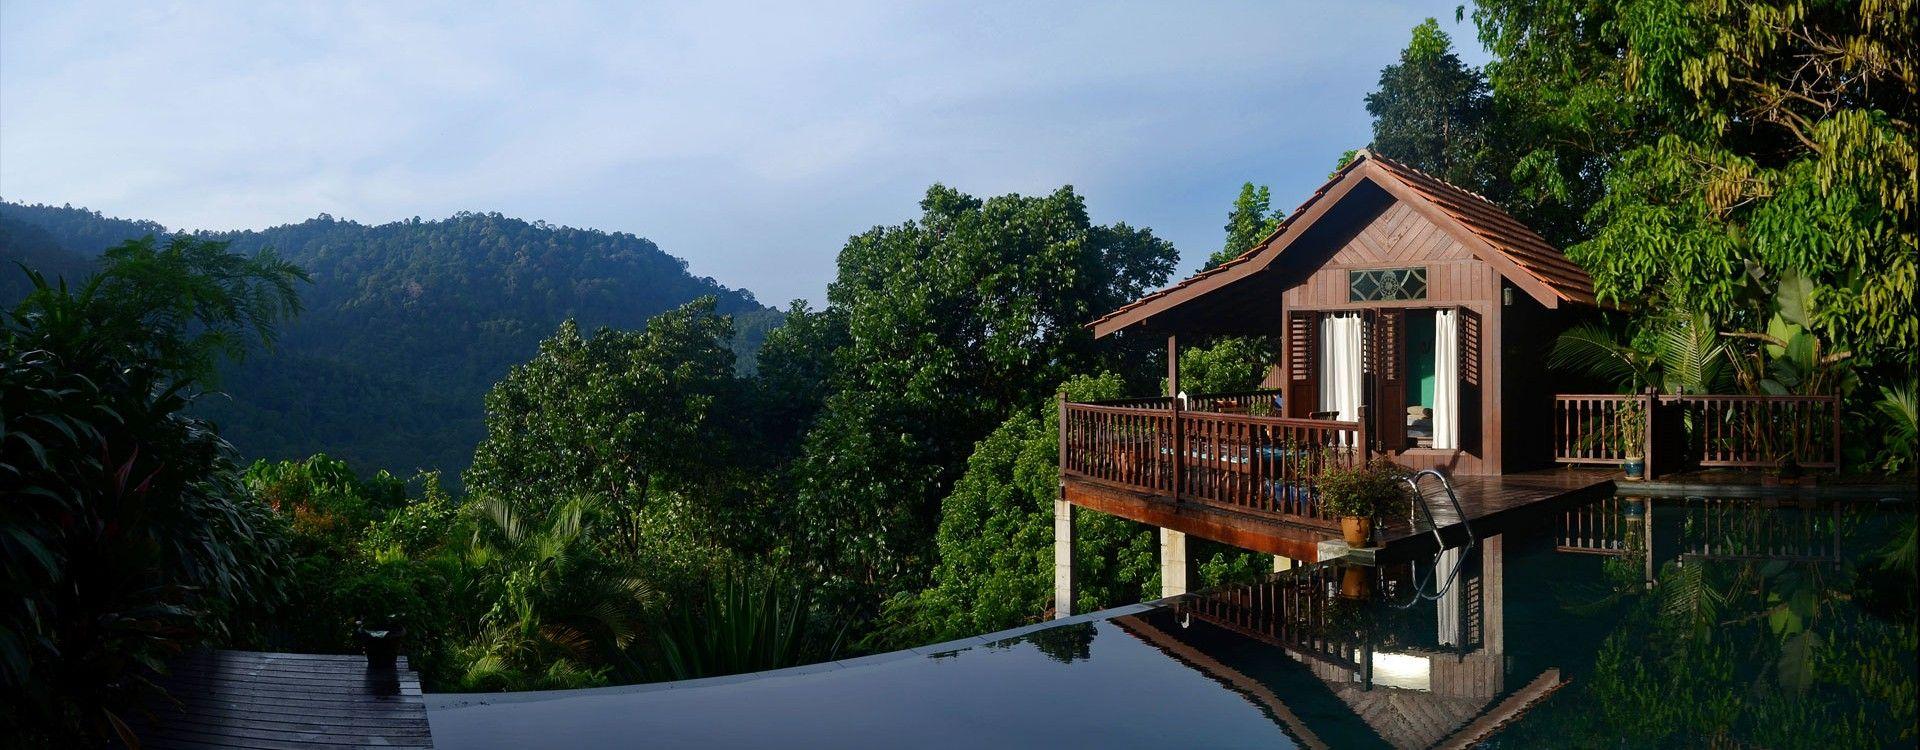 12 Tempat Percutian Menarik Di Malaysia Unik Relaxing Getaways Relaxing Vacation Spots Forest Resort